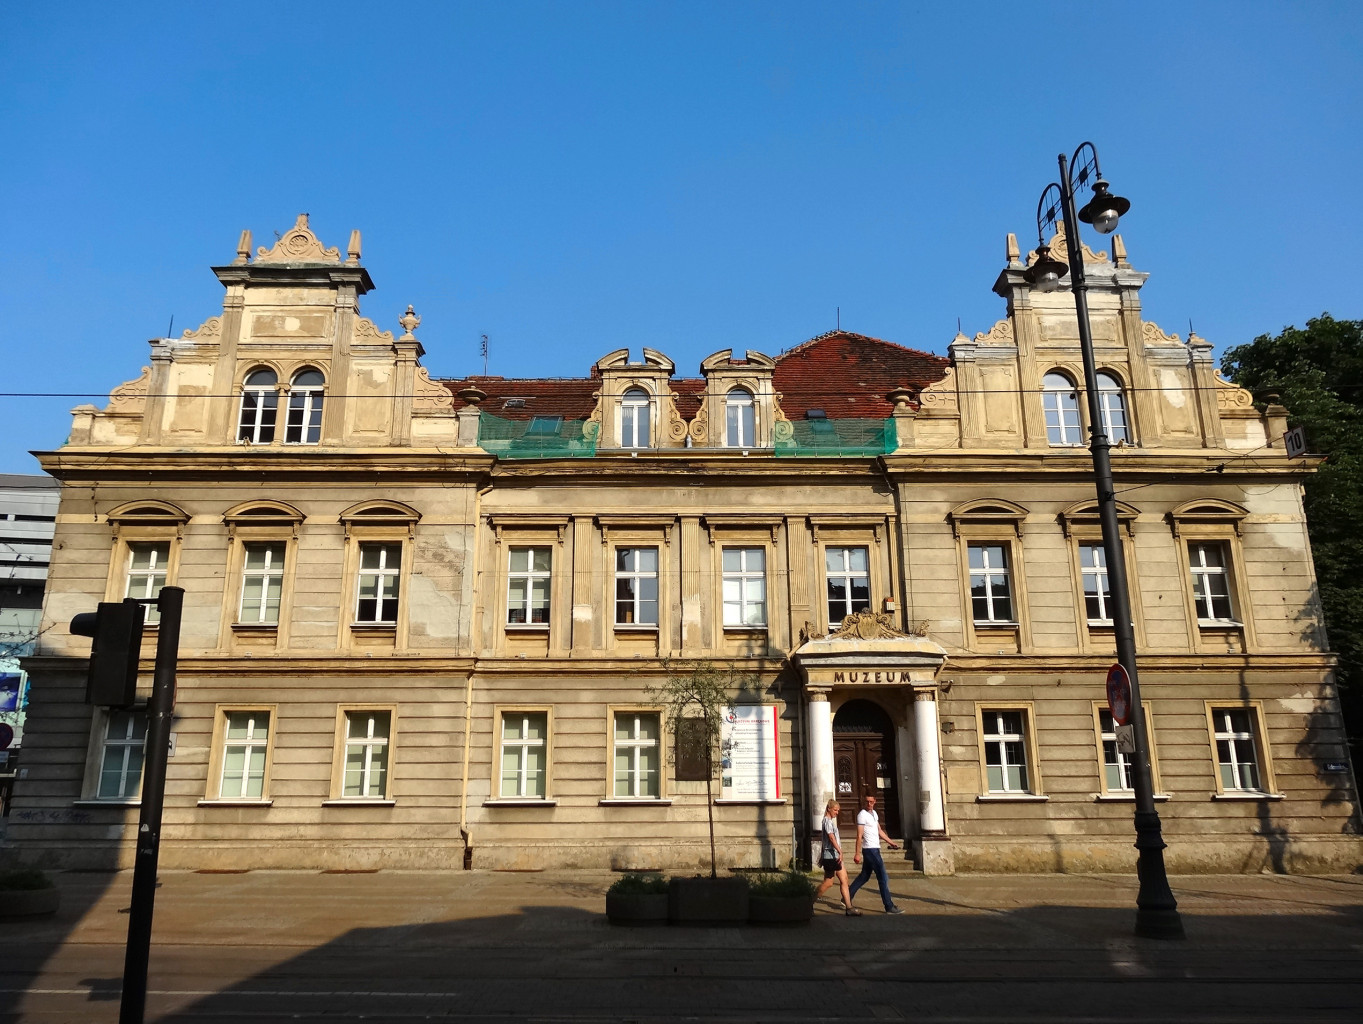 muzeum-wyczolkowski-bydgoszcz